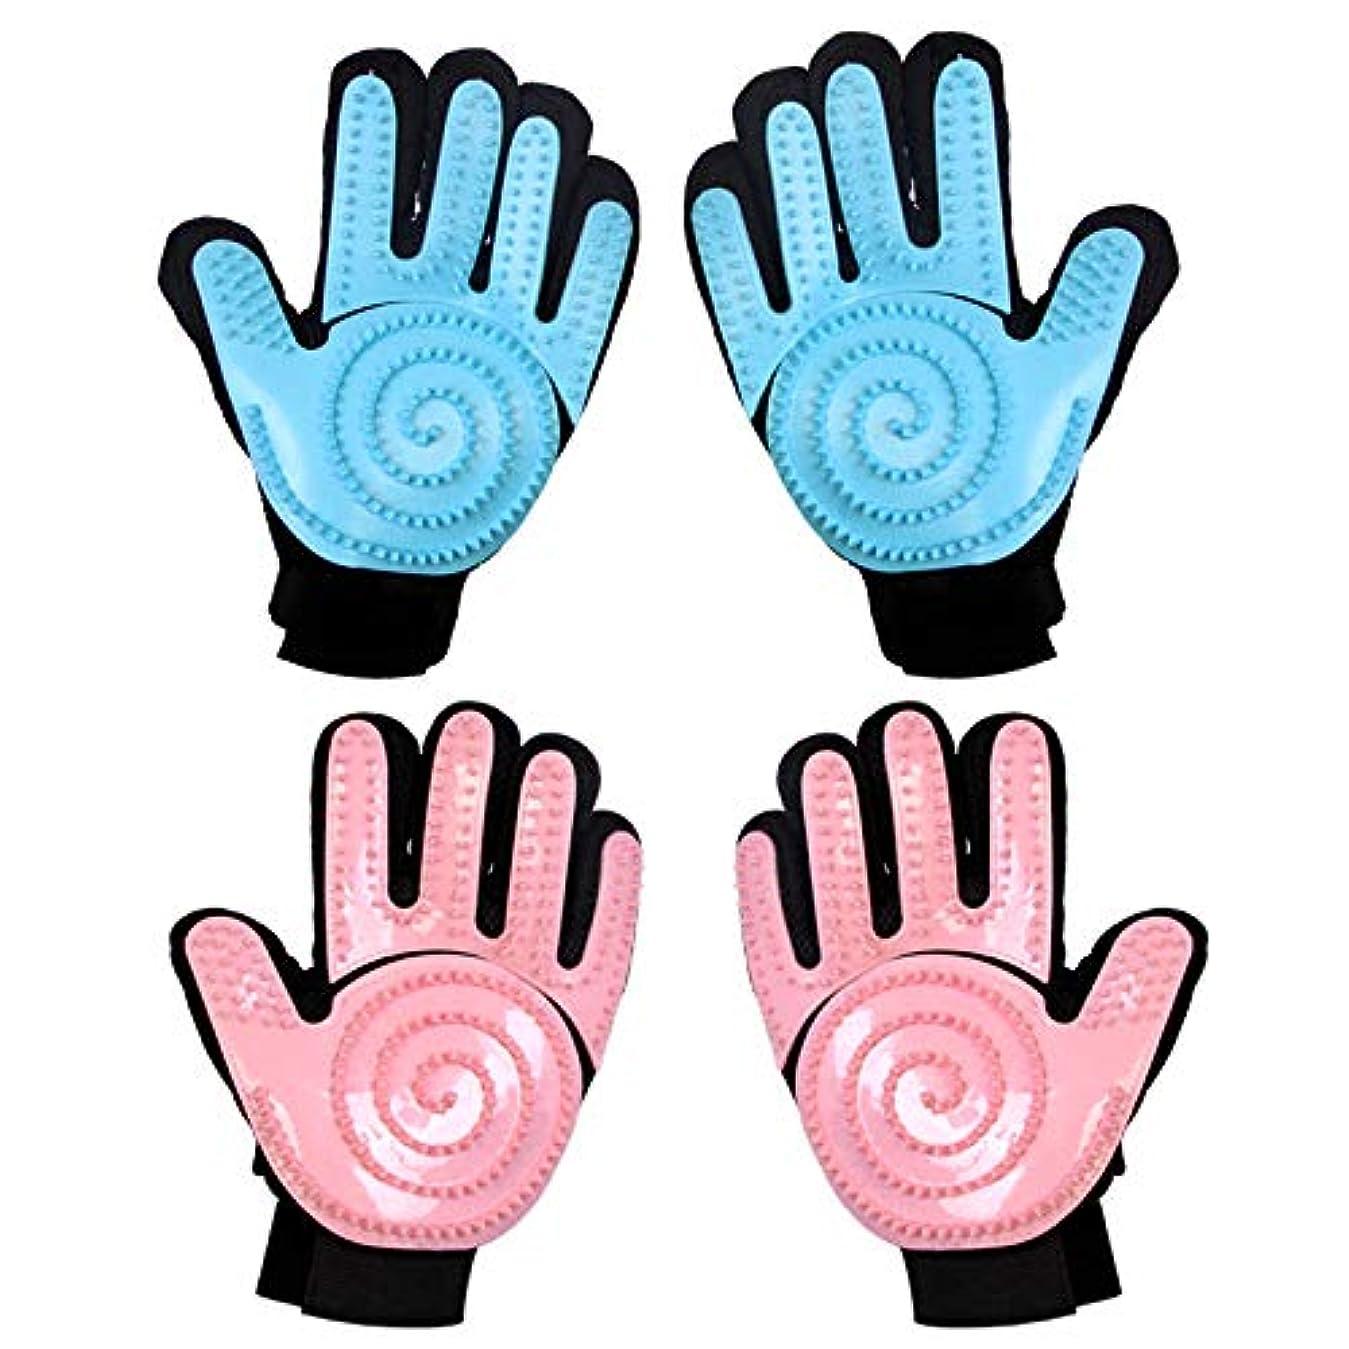 集計情報舞い上がるBTXXYJP 手袋 ペット ブラシ グローブ 猫 ブラシ クリーナー 抜け毛取り マッサージブラシ 犬 グローブ ペット毛取りブラシ お手入れ (Color : Pink, Style : Right hand)